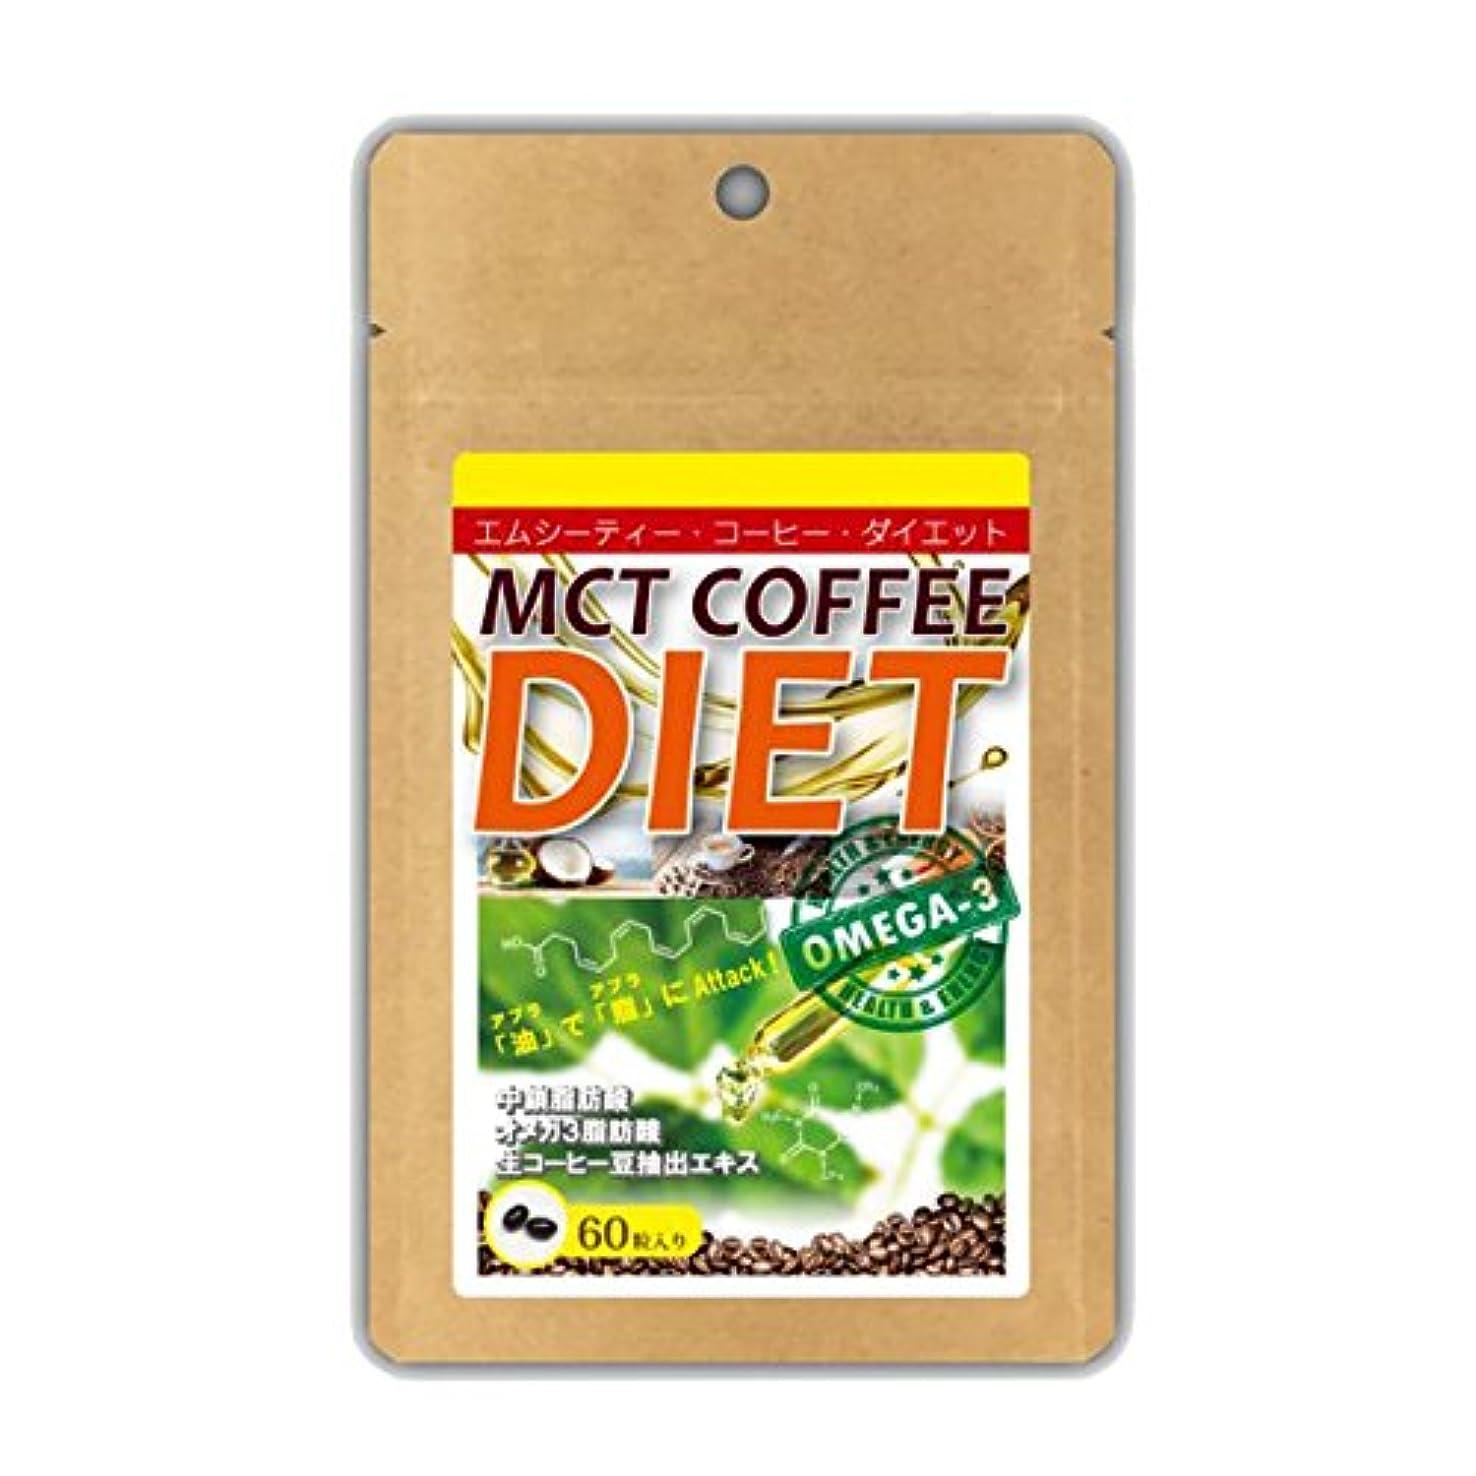 空いているコミュニティおいしい【MCTオイル】MCTコーヒーダイエット 60カプセル入り